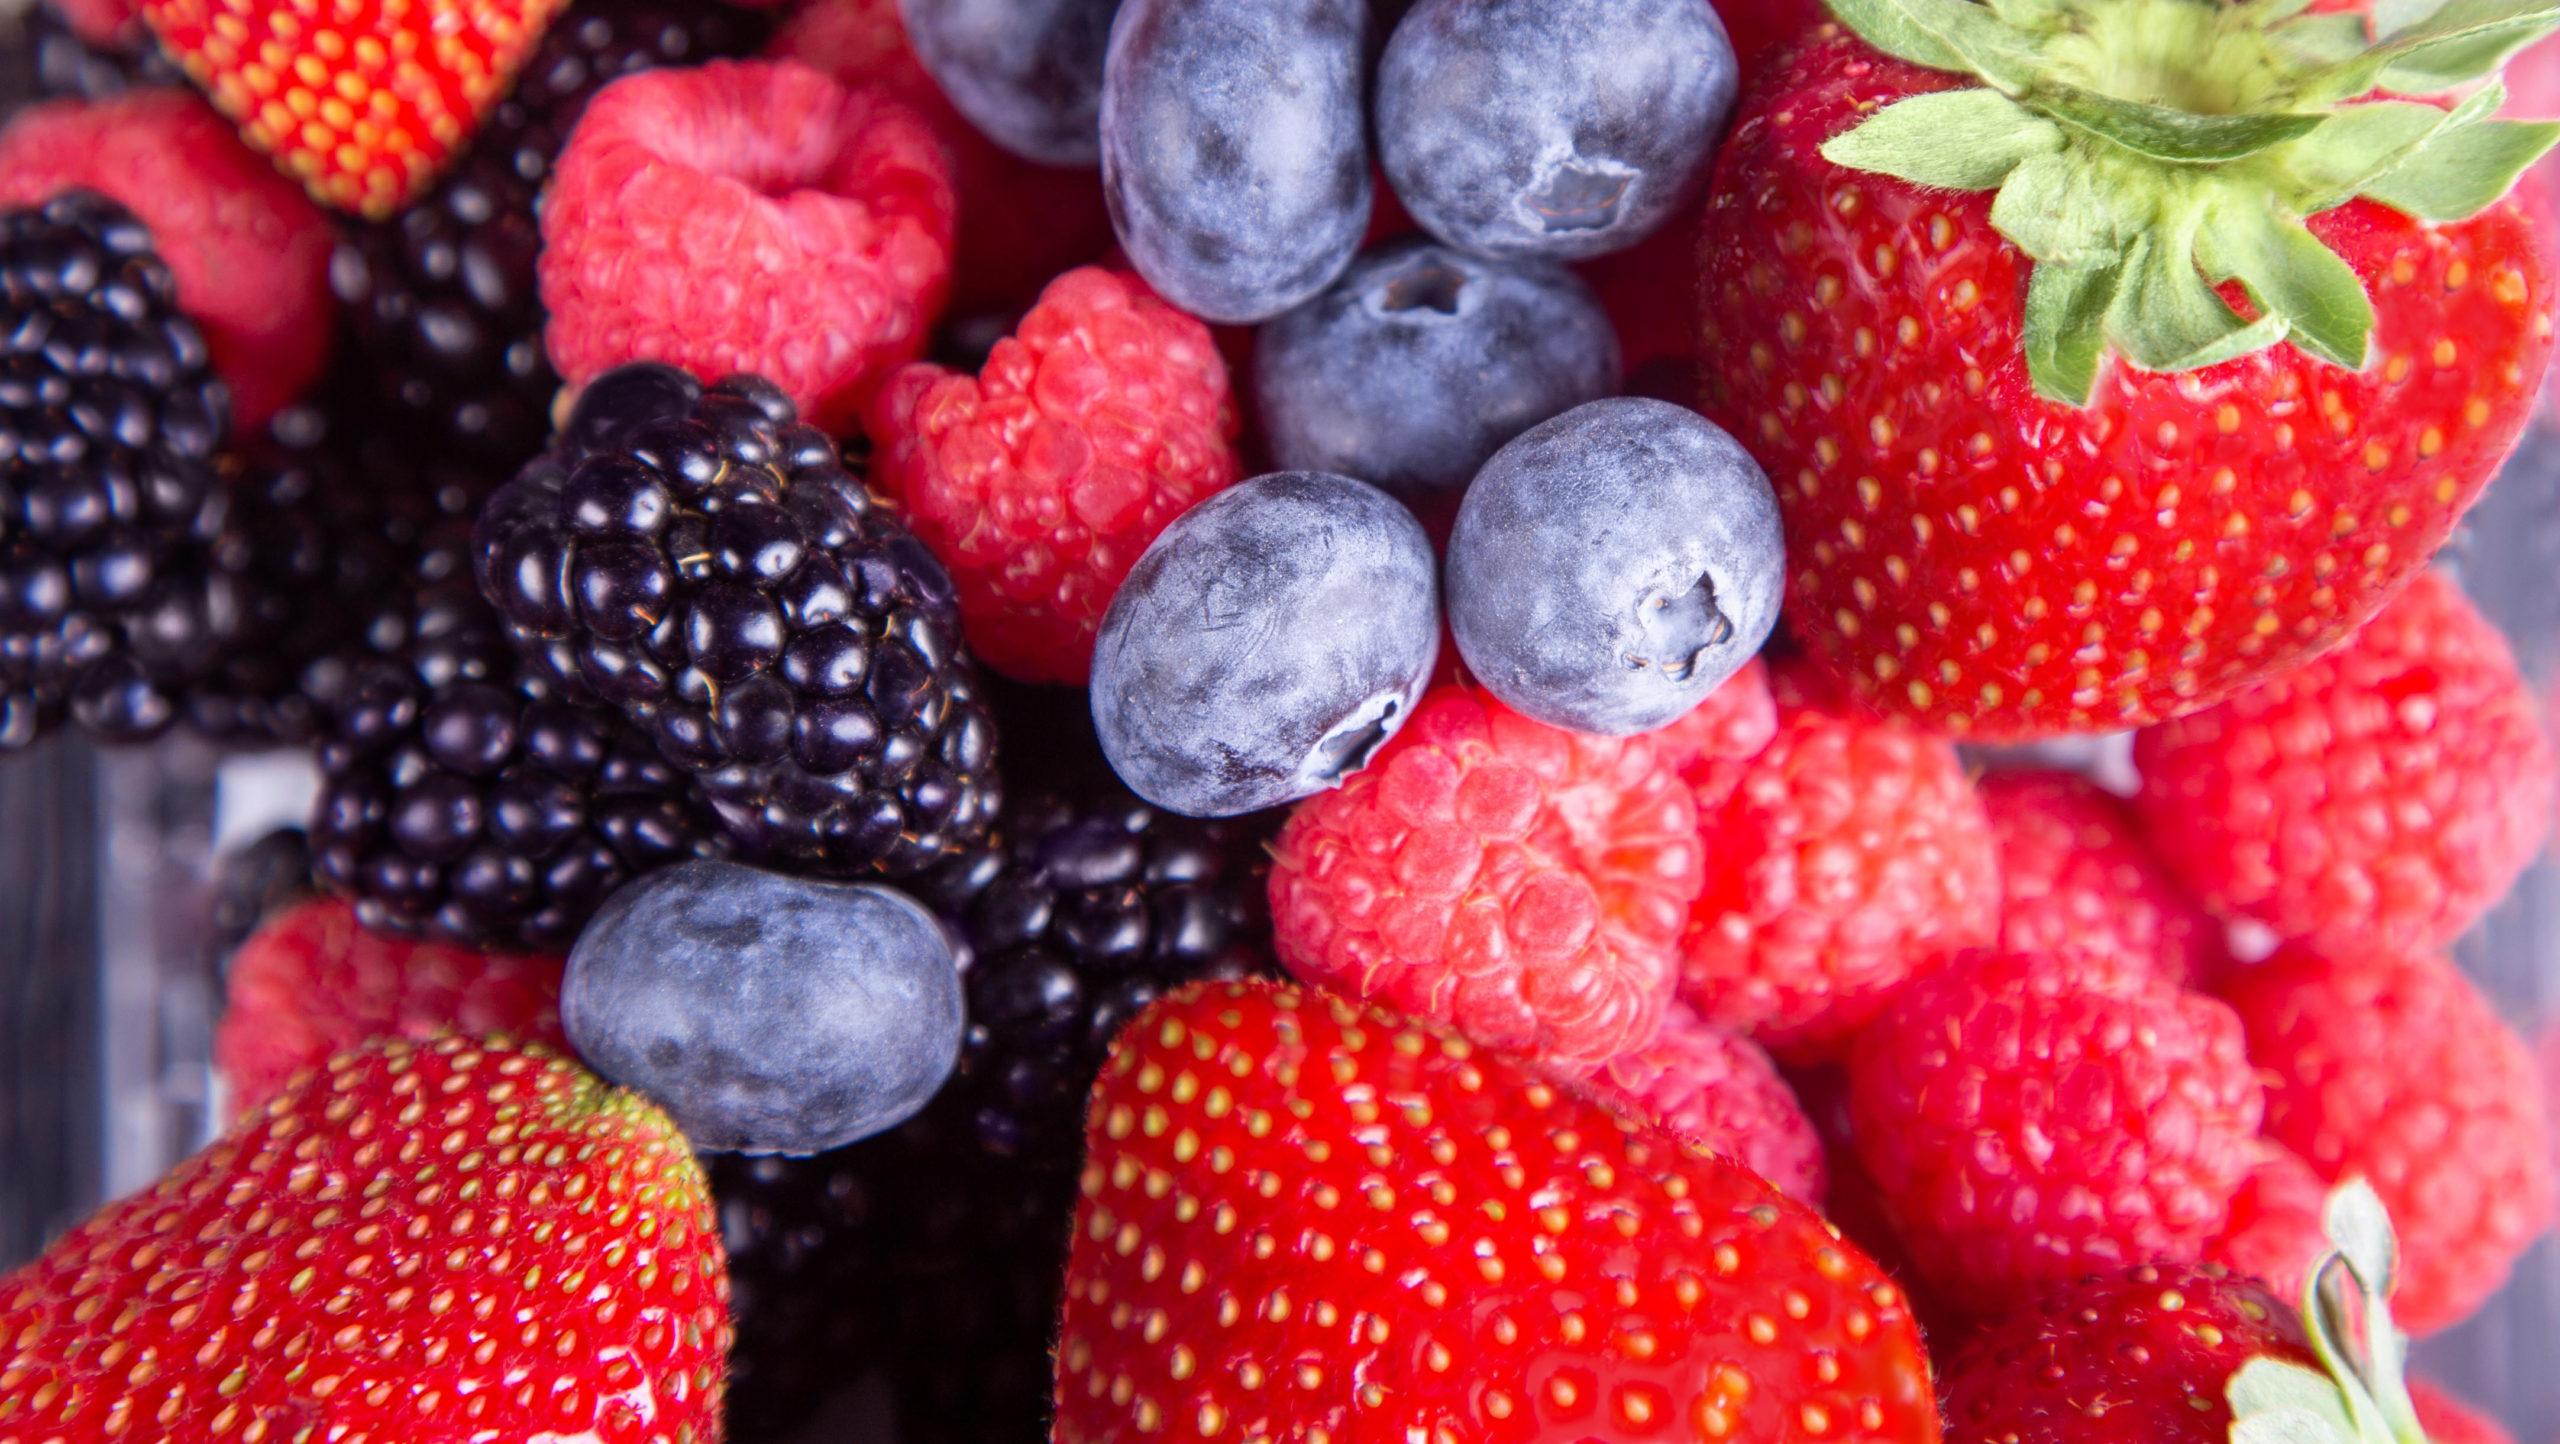 Fresh Results combination berries: strawberries, raspberries, blueberries, and blackberries